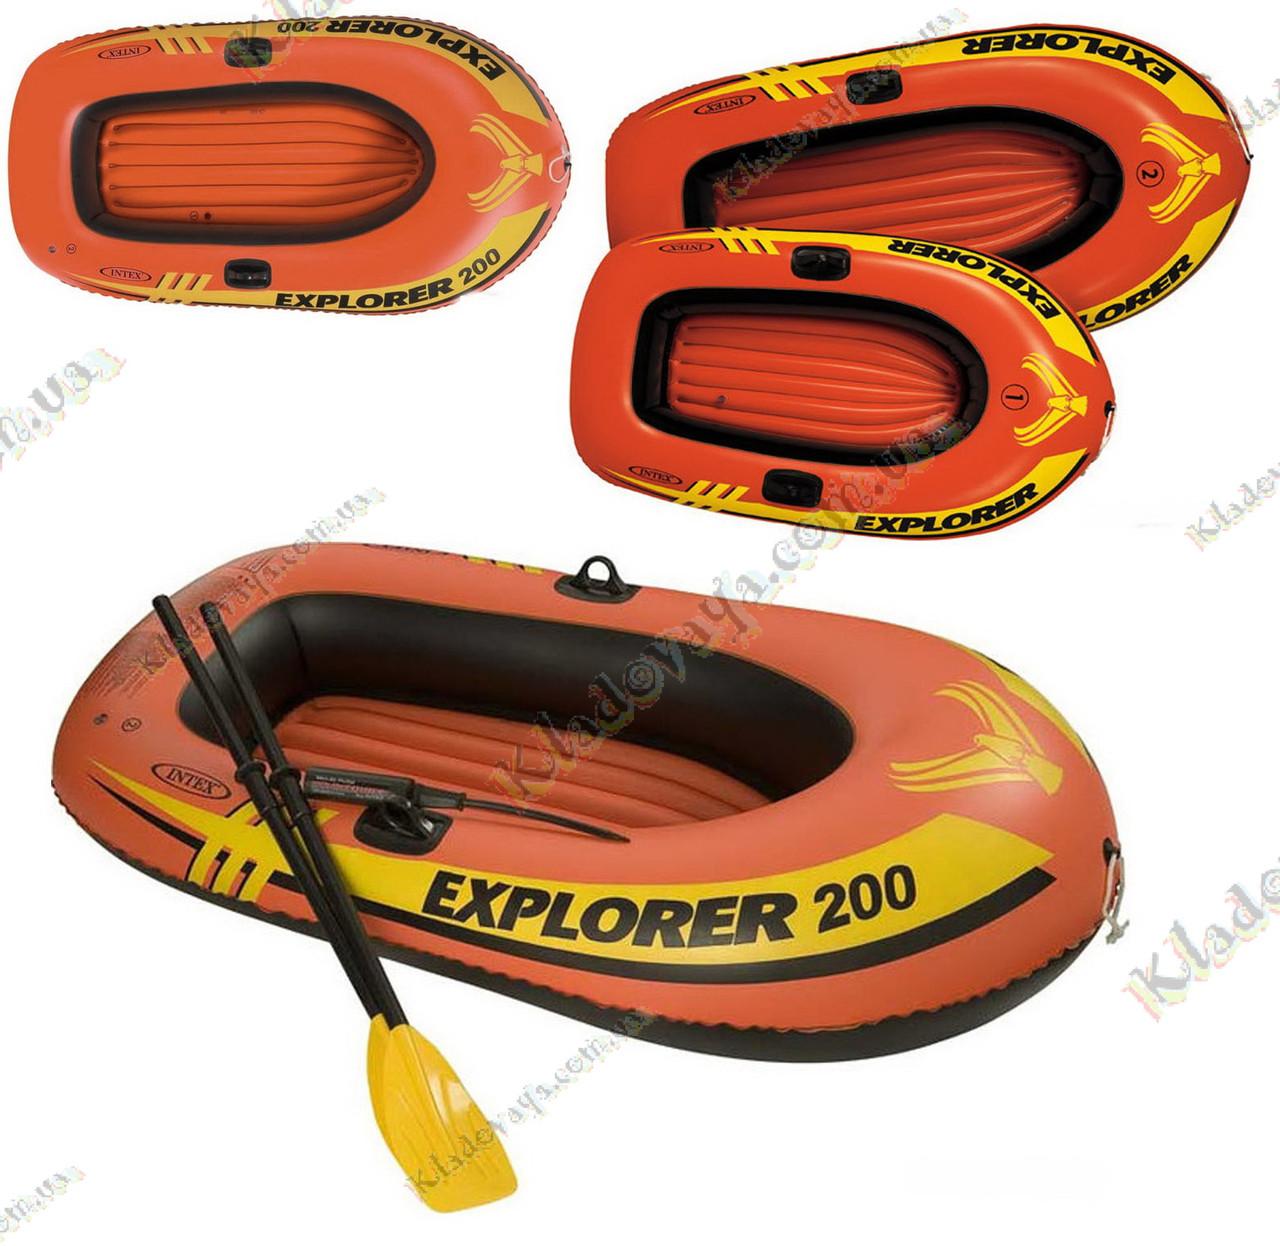 весла для надувных детских лодок